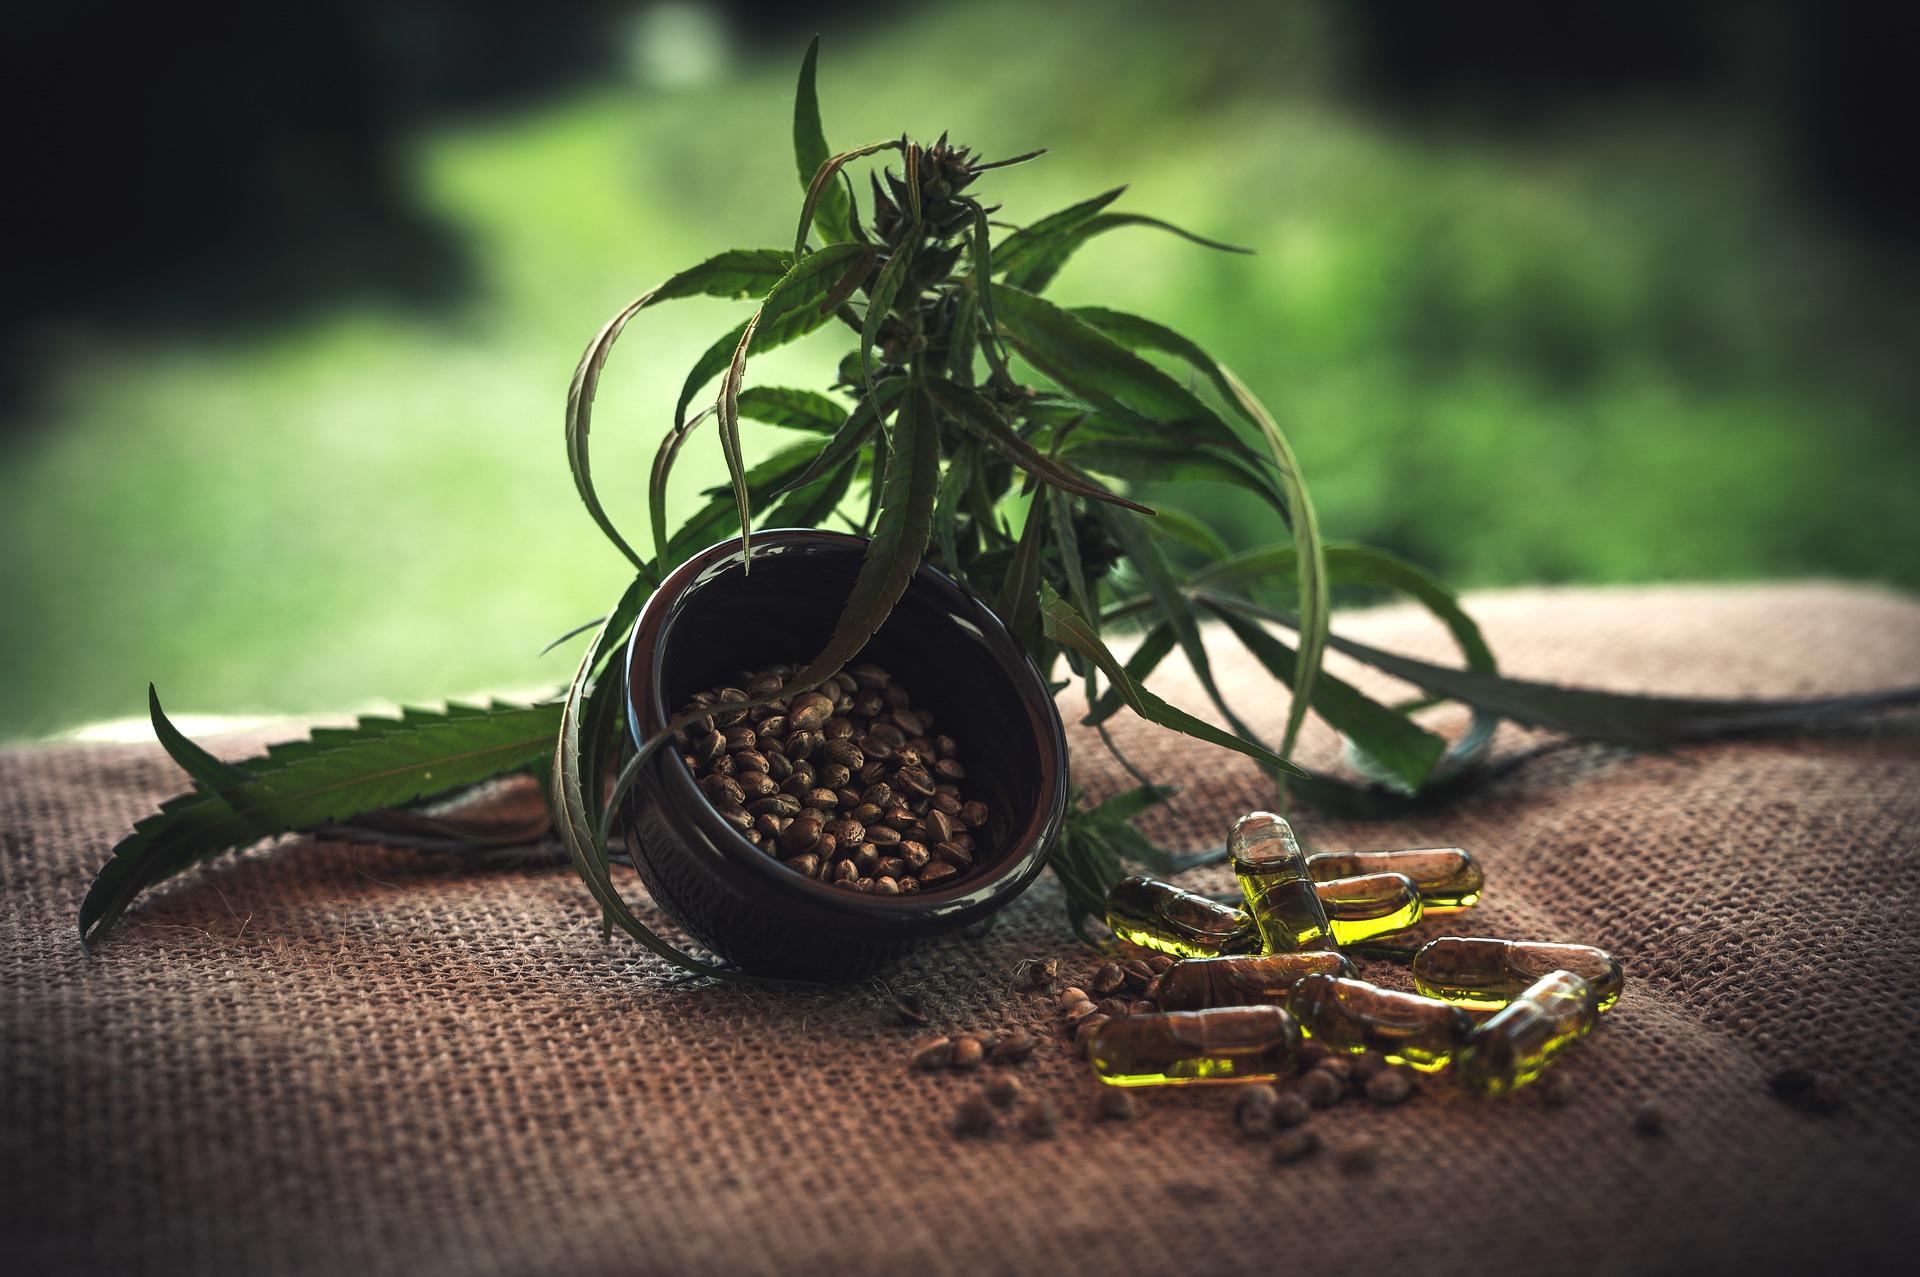 Nutzpflanzen im geschlossenen System anbauen